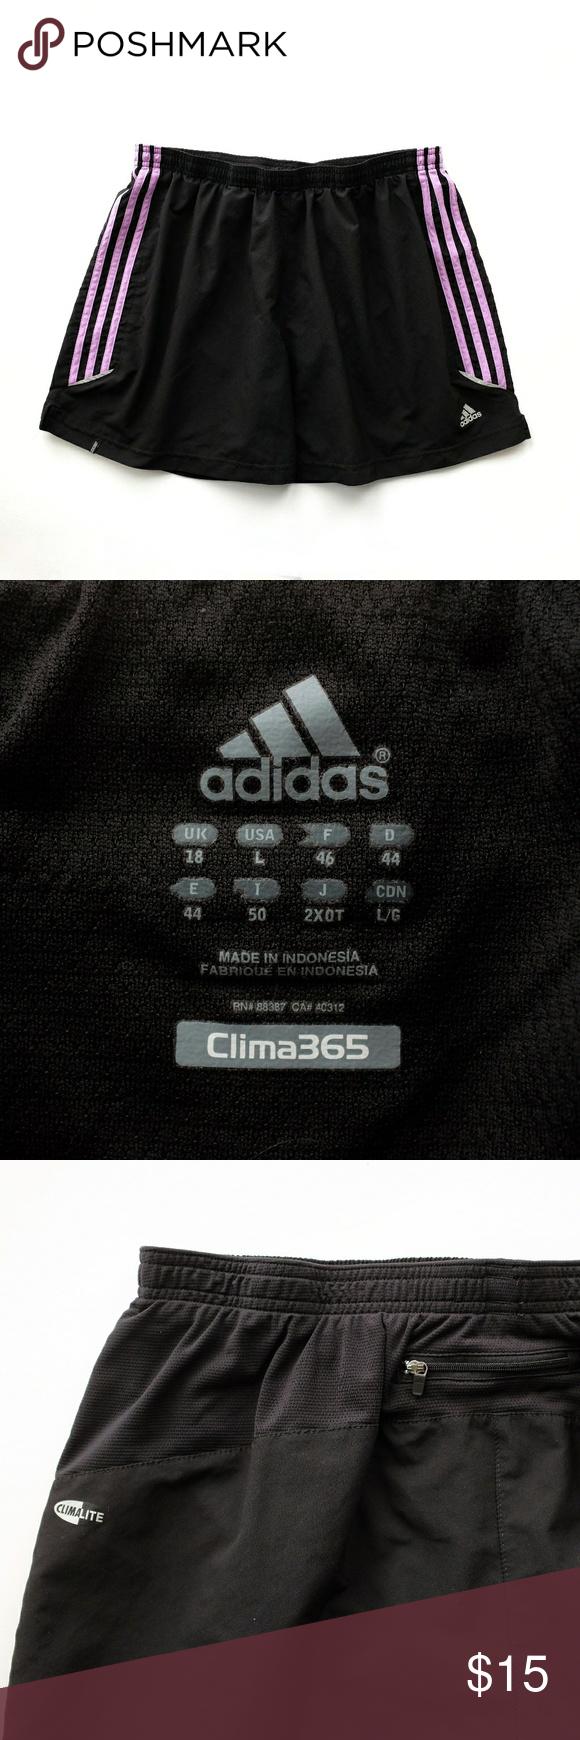 Adidas Shorts Clima 365 Adidas Shorts Clima 365 Size Large